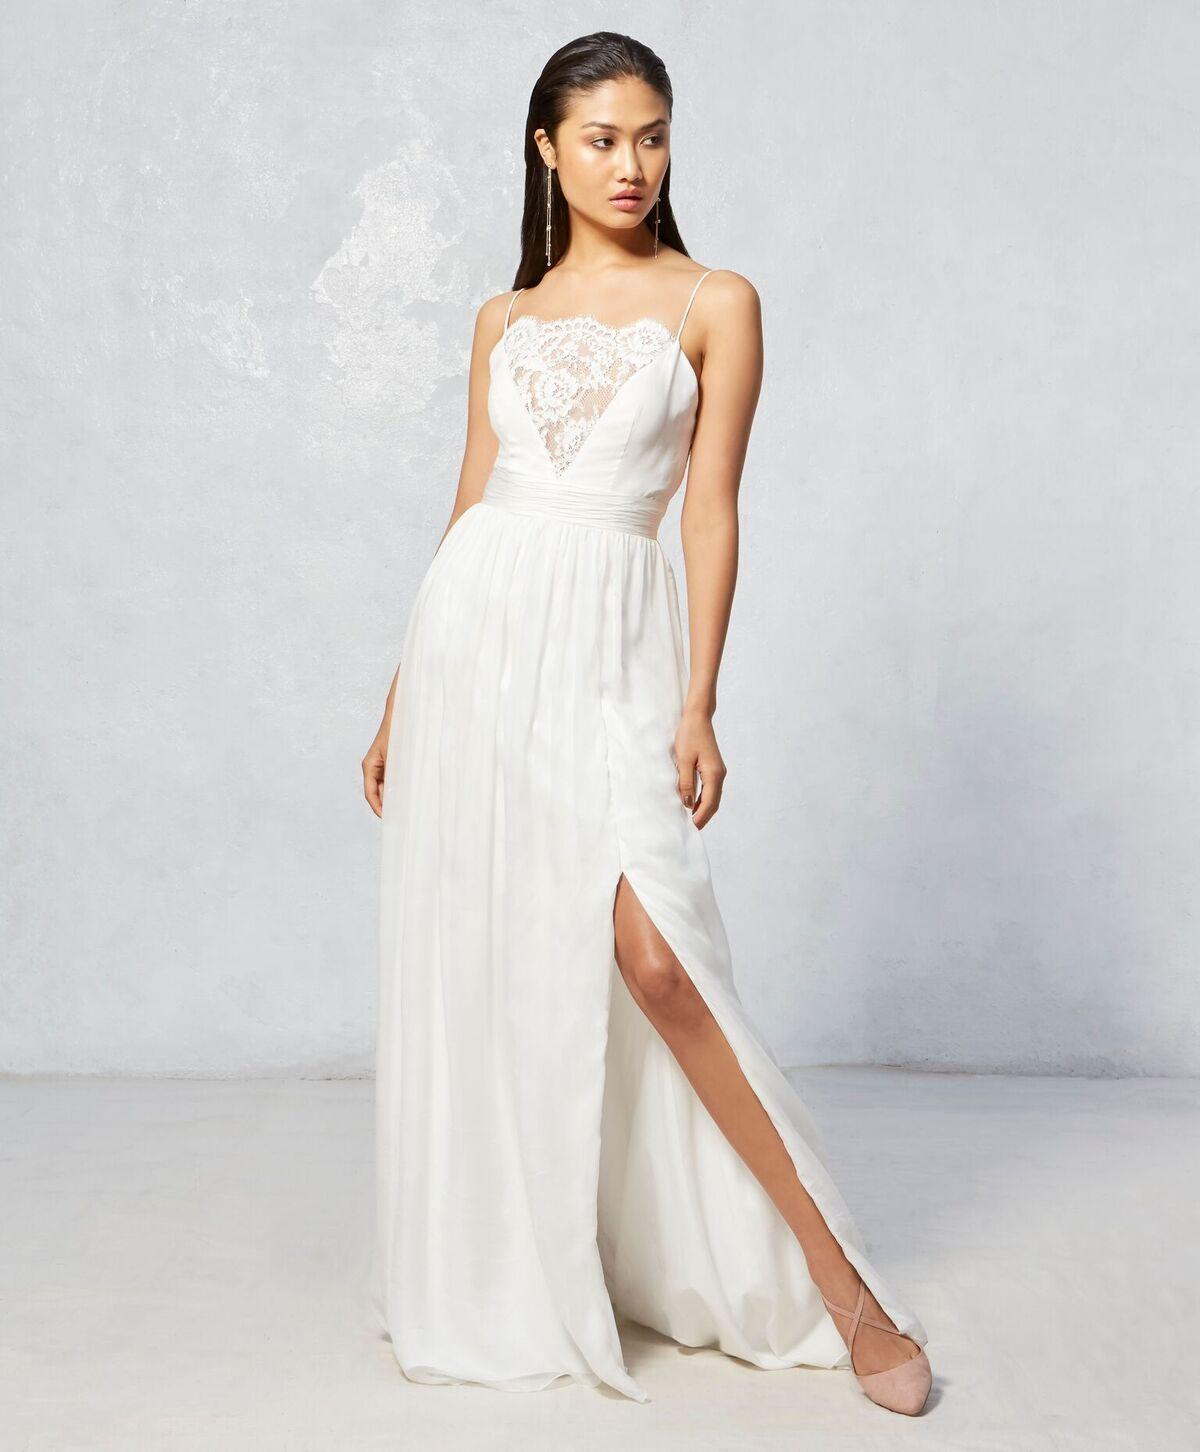 Wren Ivy Aster Fall 2017 Collection Boho Wedding Dress Short Wedding Dress Wedding Dress Trends Boho Wedding Dress [ 1452 x 1200 Pixel ]